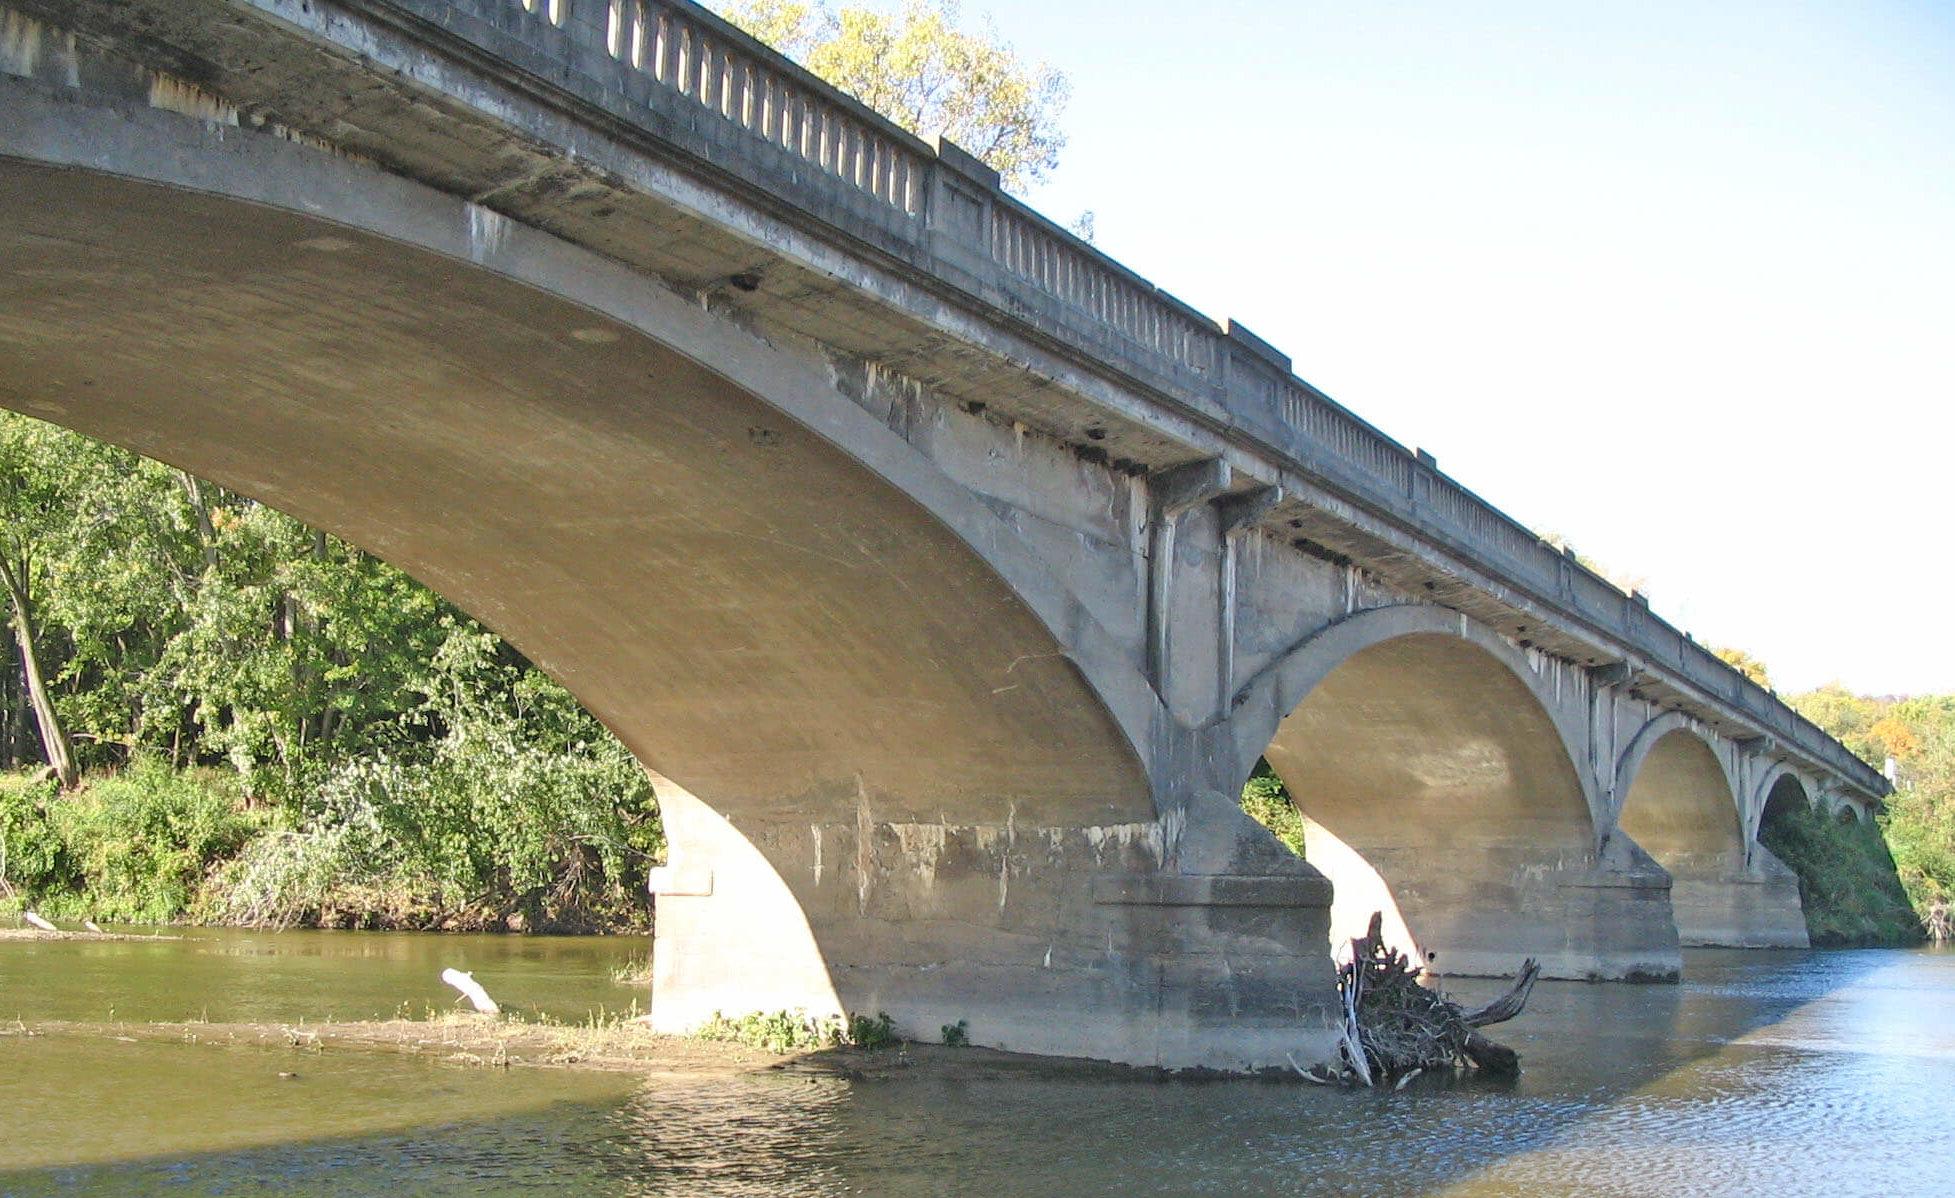 Eureka Bridge in Green County before Rehab was done